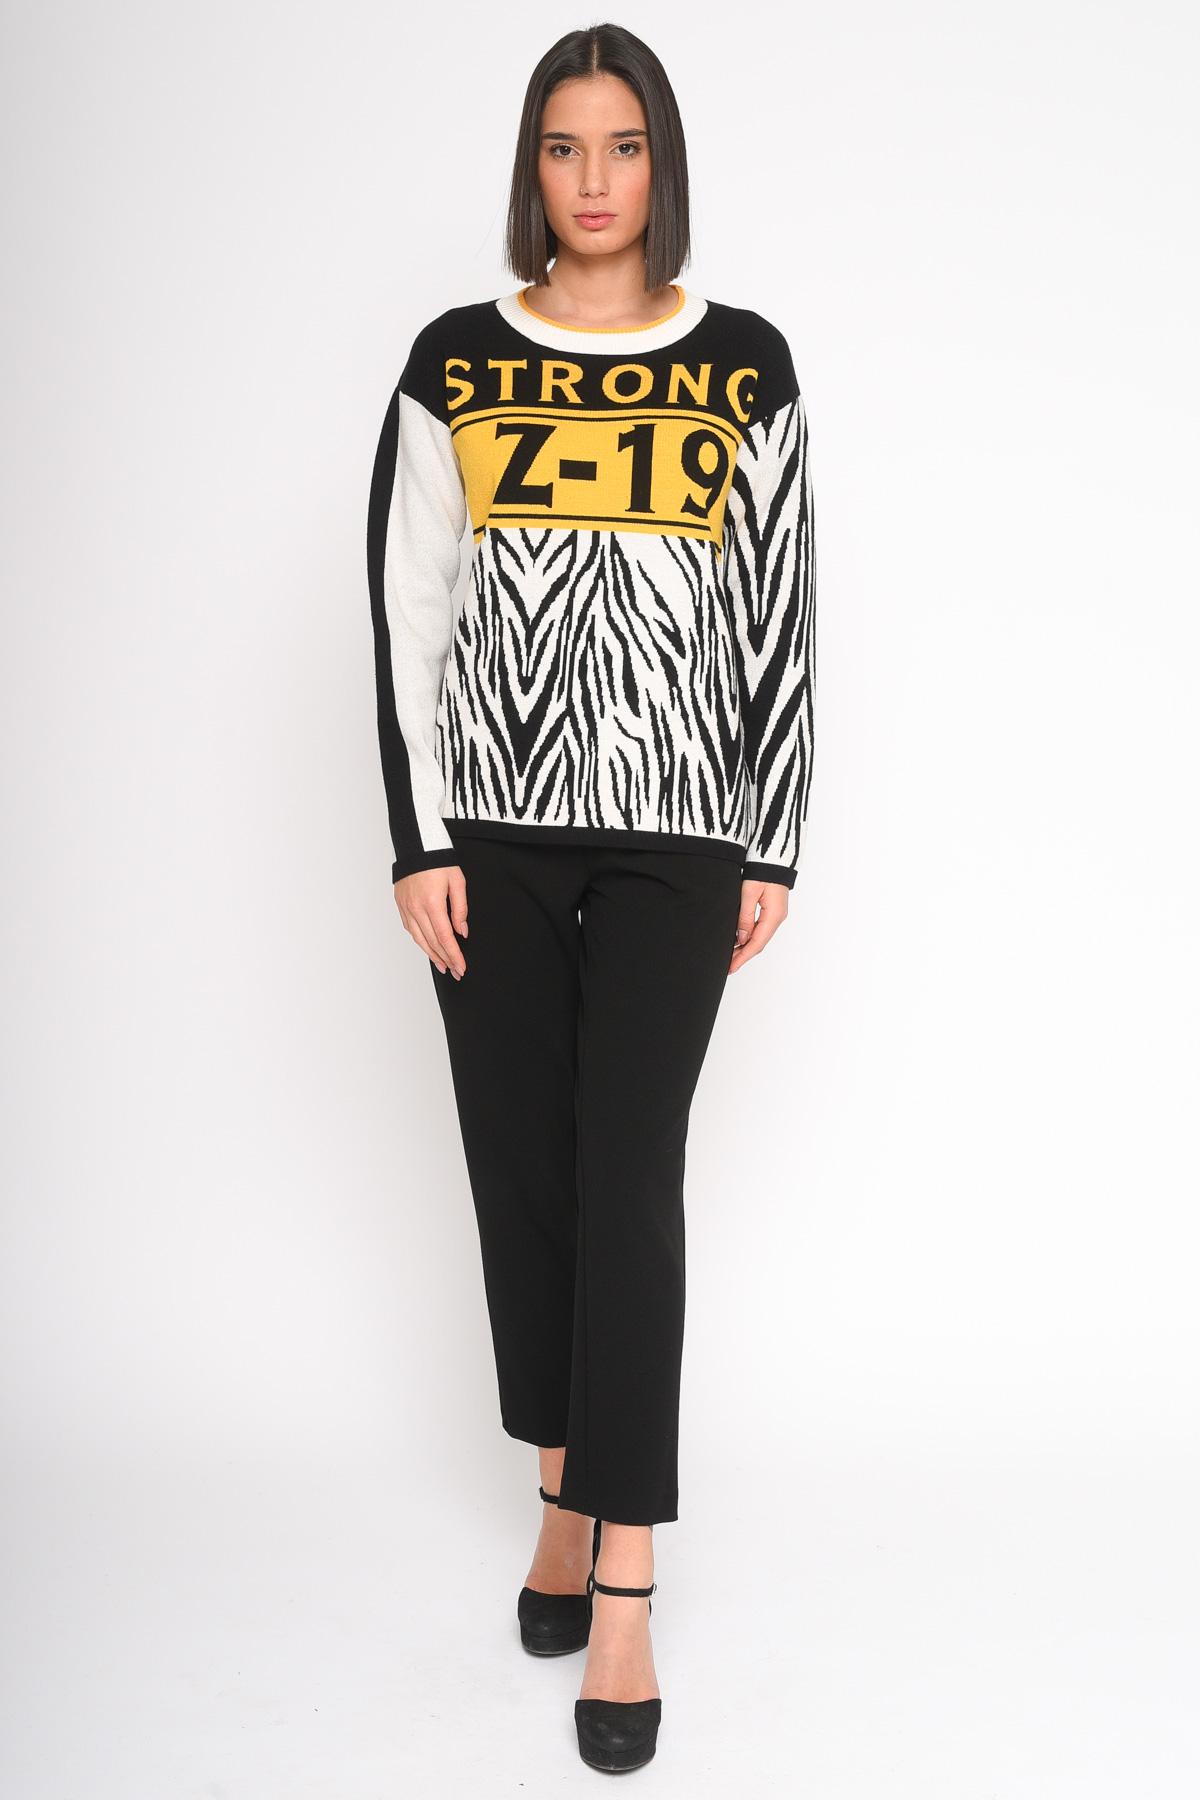 MAGLIA IN VISCOSA A FANTASIA ZEBRATA  for women - YELLOW - Paquito Pronto Moda Shop Online